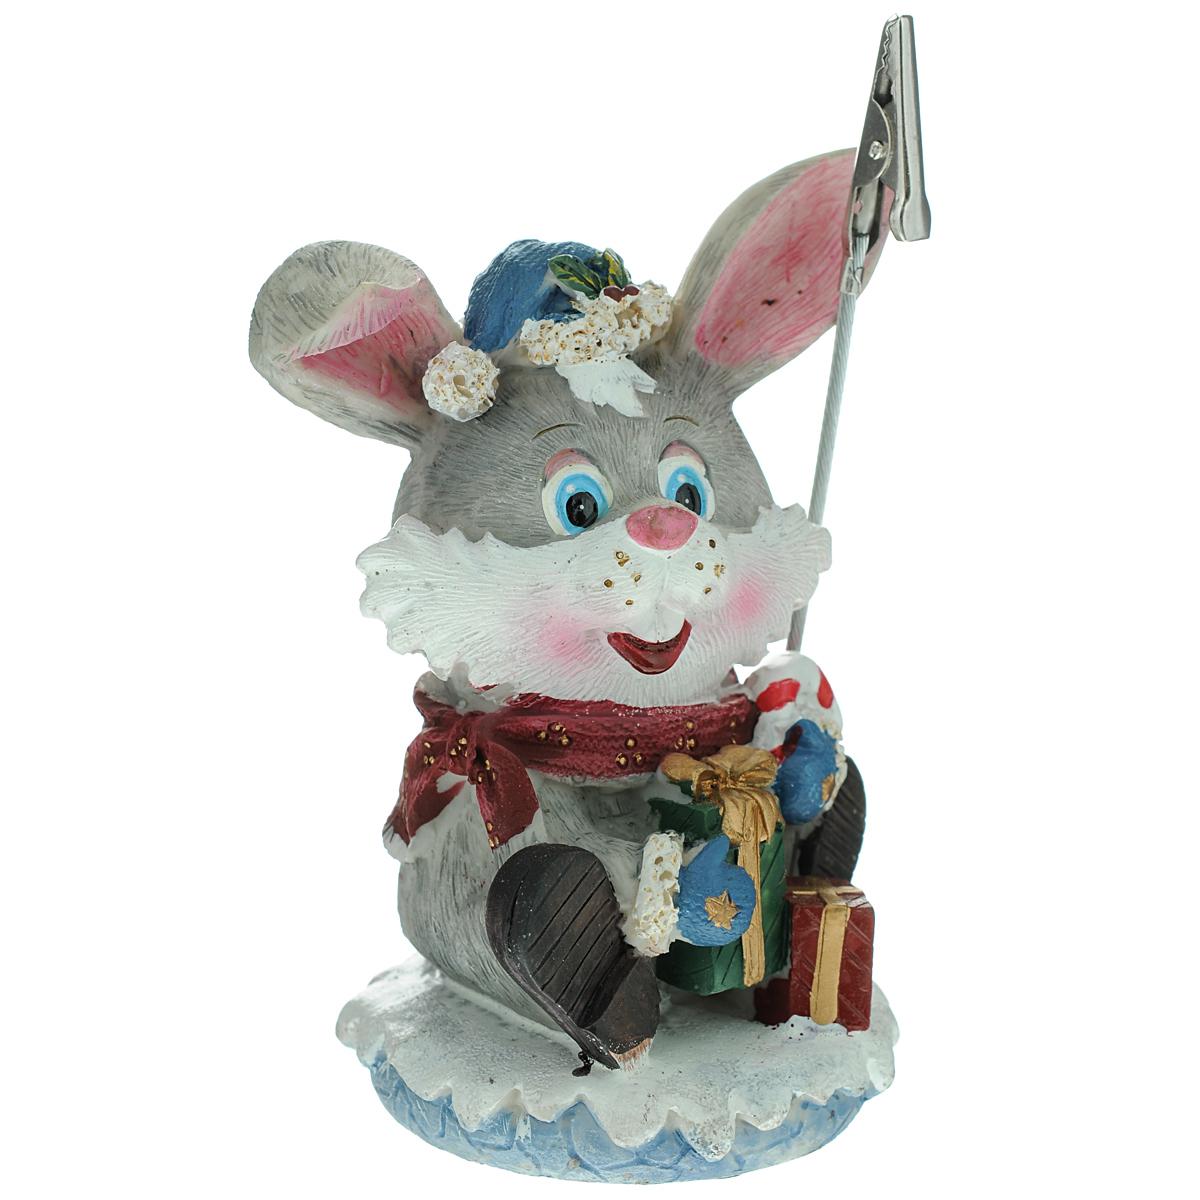 Держатель для бумаги Кролик, 12,5 смSWT-2011Держатель для бумаги, выполненный в виде кролика, который вызовет улыбку у каждого, кто его увидит.Откройте для себя удивительный мир сказок и грез. Почувствуйте волшебные минуты ожидания праздника, создайте новогоднее настроение вашим дорогими близким. Характеристики:Материал:полистоун, металл. Размер:12,5 см х 8 см х 5 см. Производитель: Ирландия. Артикул: SWT-2011. Mister Christmas как марка, стоявшая у самых истоков новогодней индустрии в России, сегодня является подлинным лидером рынка. Продукция марки обрела популярность и заслужила доверие самого широкого круга потребителей. Миссия Mister Christmas - это одновременно и возрождение утраченных рождественских традиций, и привнесение модных тенденций в празднование Нового года и Рождества, развитие новогодней культуры в целом. Благодаря таланту и мастерству дизайнеров, технологиям и опыту мировой новогодней индустрии товары от Mister Christmas стали настоящим символом Нового года, эталоном качества и хорошего вкуса.Уважаемые клиенты!Обращаем ваше внимание на возможные изменения в дизайне держателя.Уважаемые клиенты!Обращаем ваше внимание на ассортимент товара. Поставка возможна в одном извариантов, в зависимости от наличия на складе.